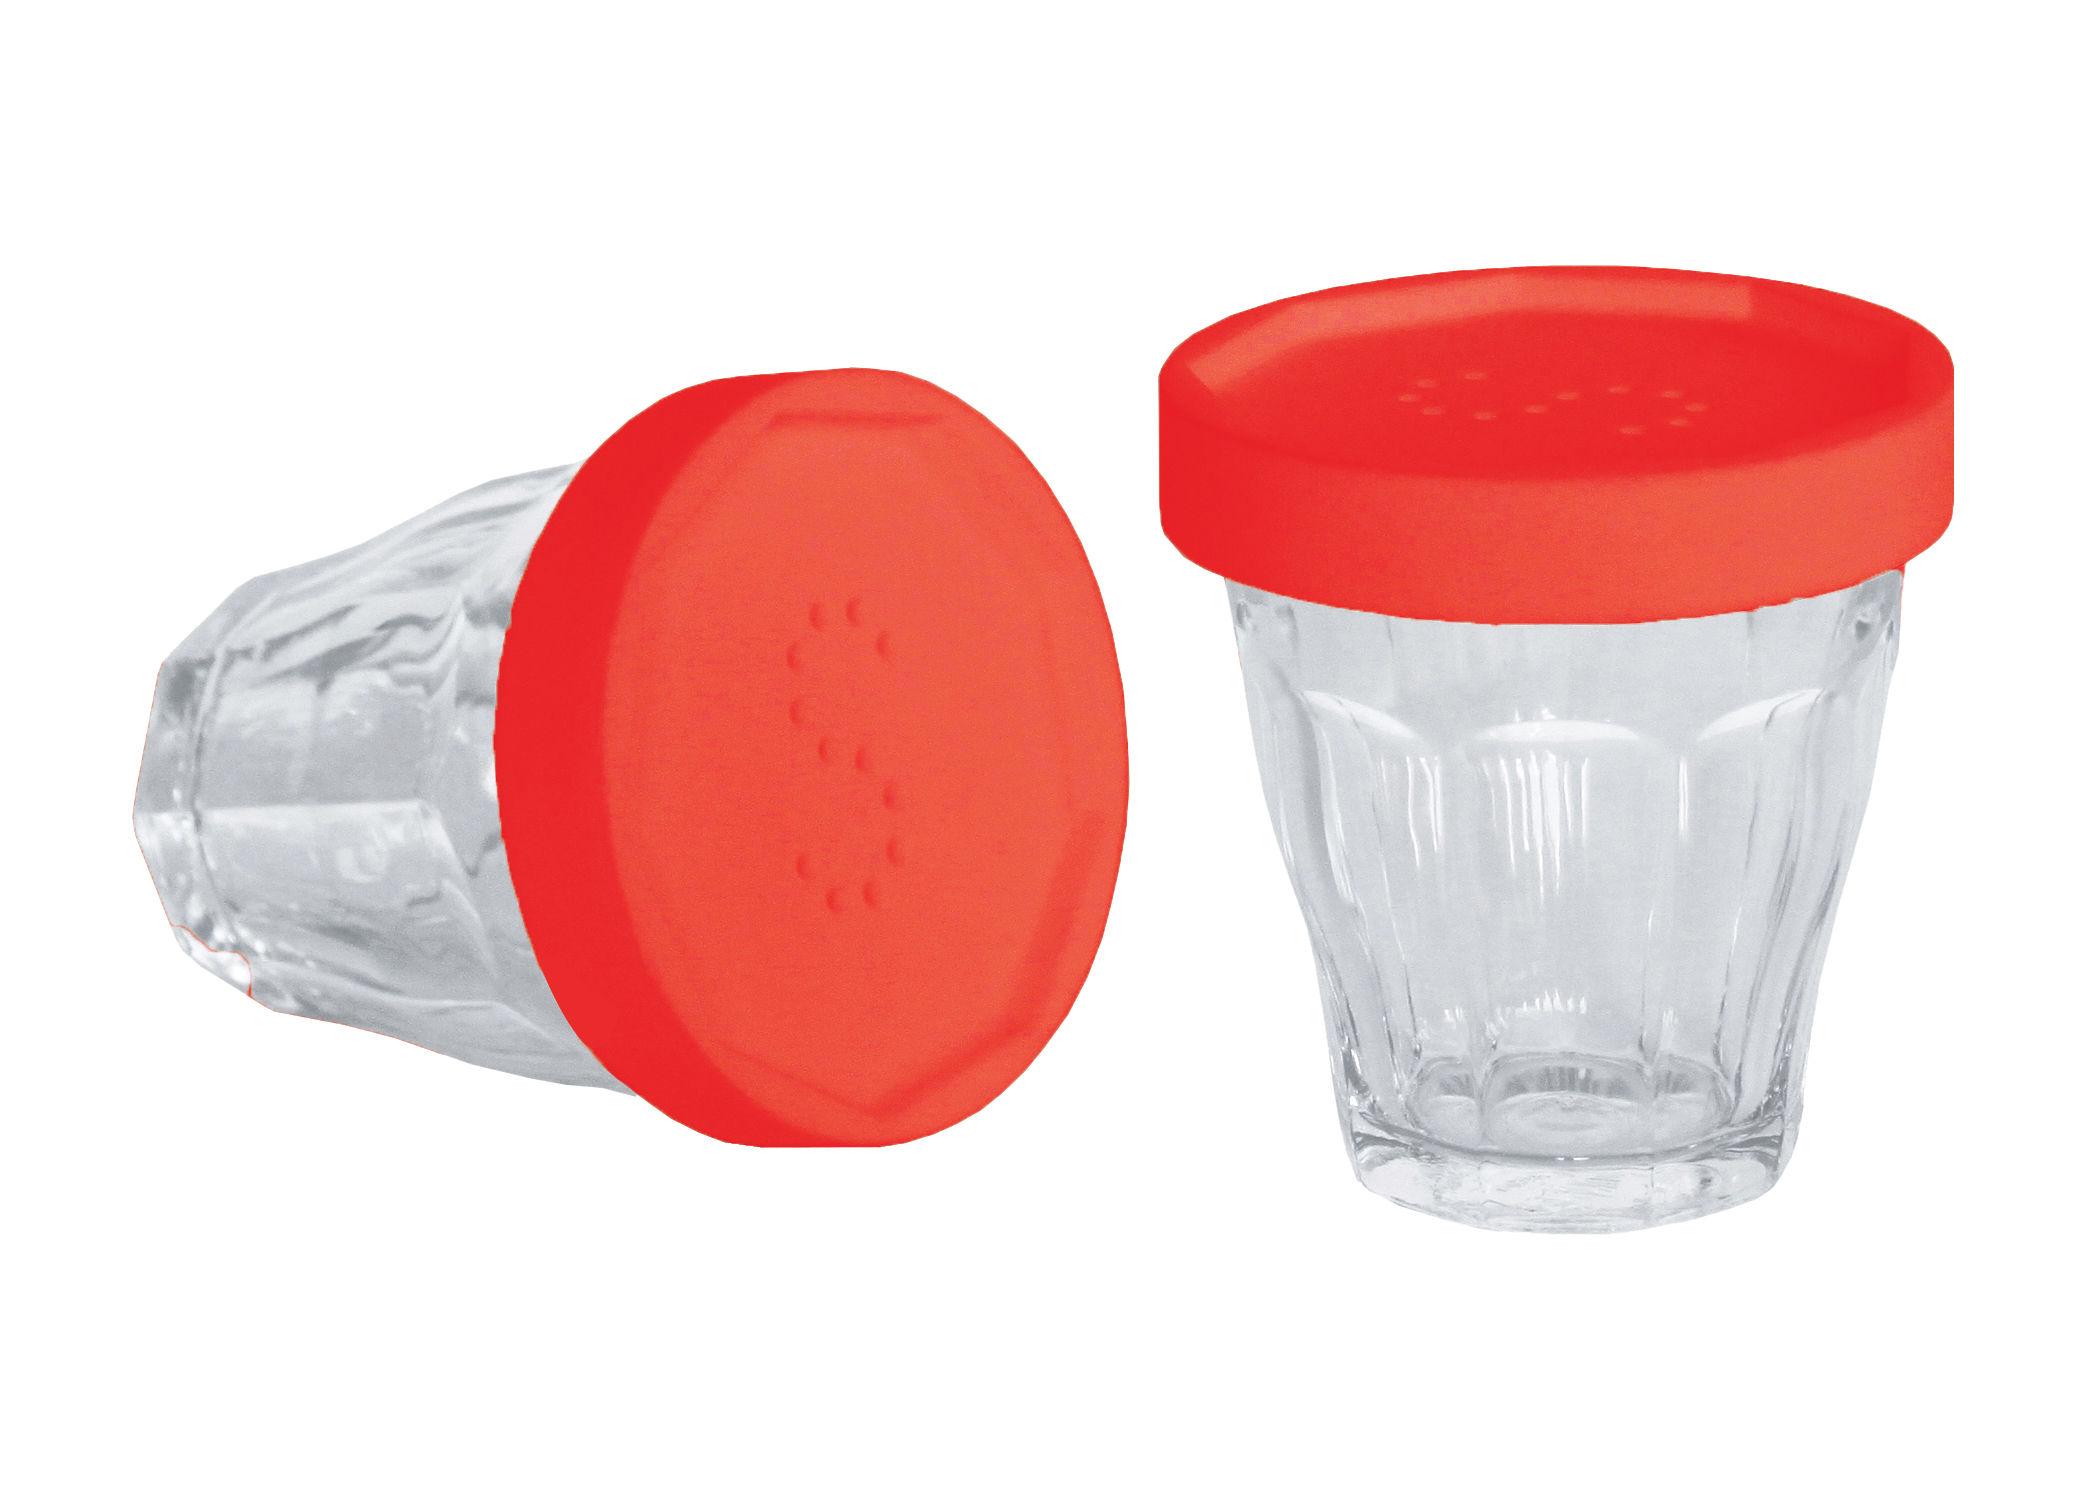 Coquetiers - Sel, poivre et épices - Ensemble salière et poivrière Monsieur Sel et Madame Poivre / Verres Duralex - Designerbox - Couvercle rouge / Transparent - Plastique TPE, Verre